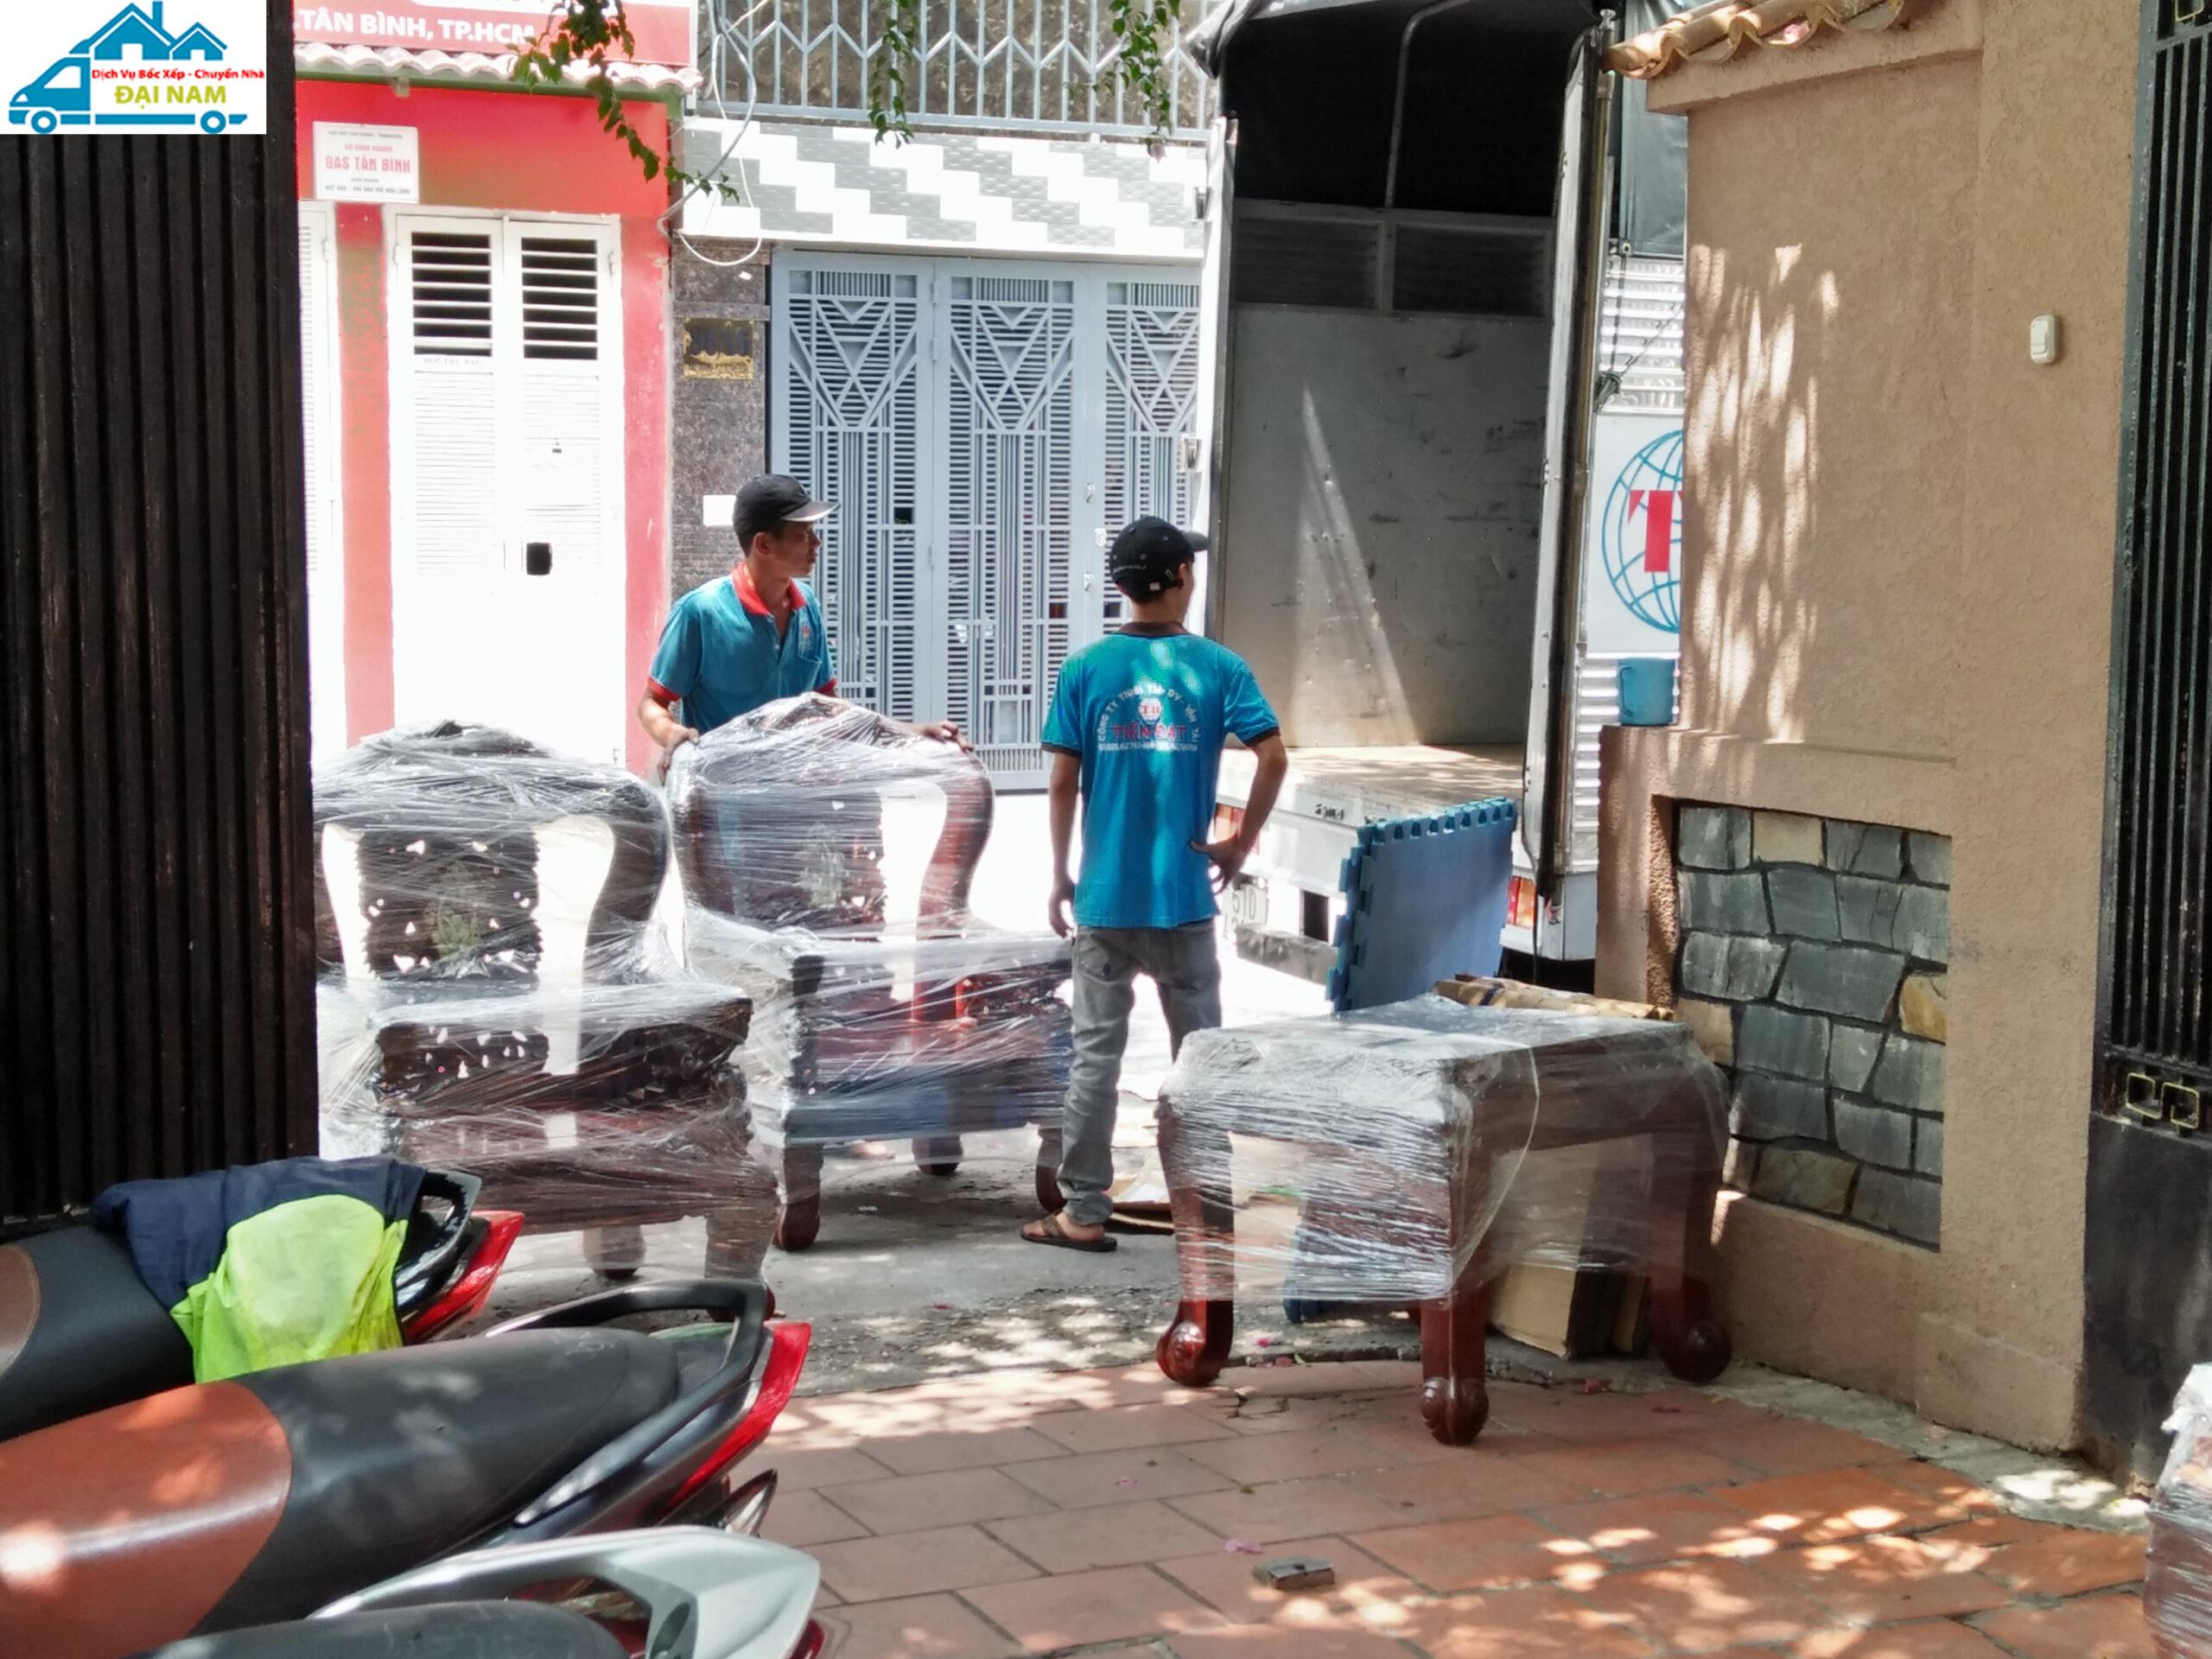 Dịch vụ cung ứng lao động tại Tphcm nhanh chóng, siêu tiết kiệm